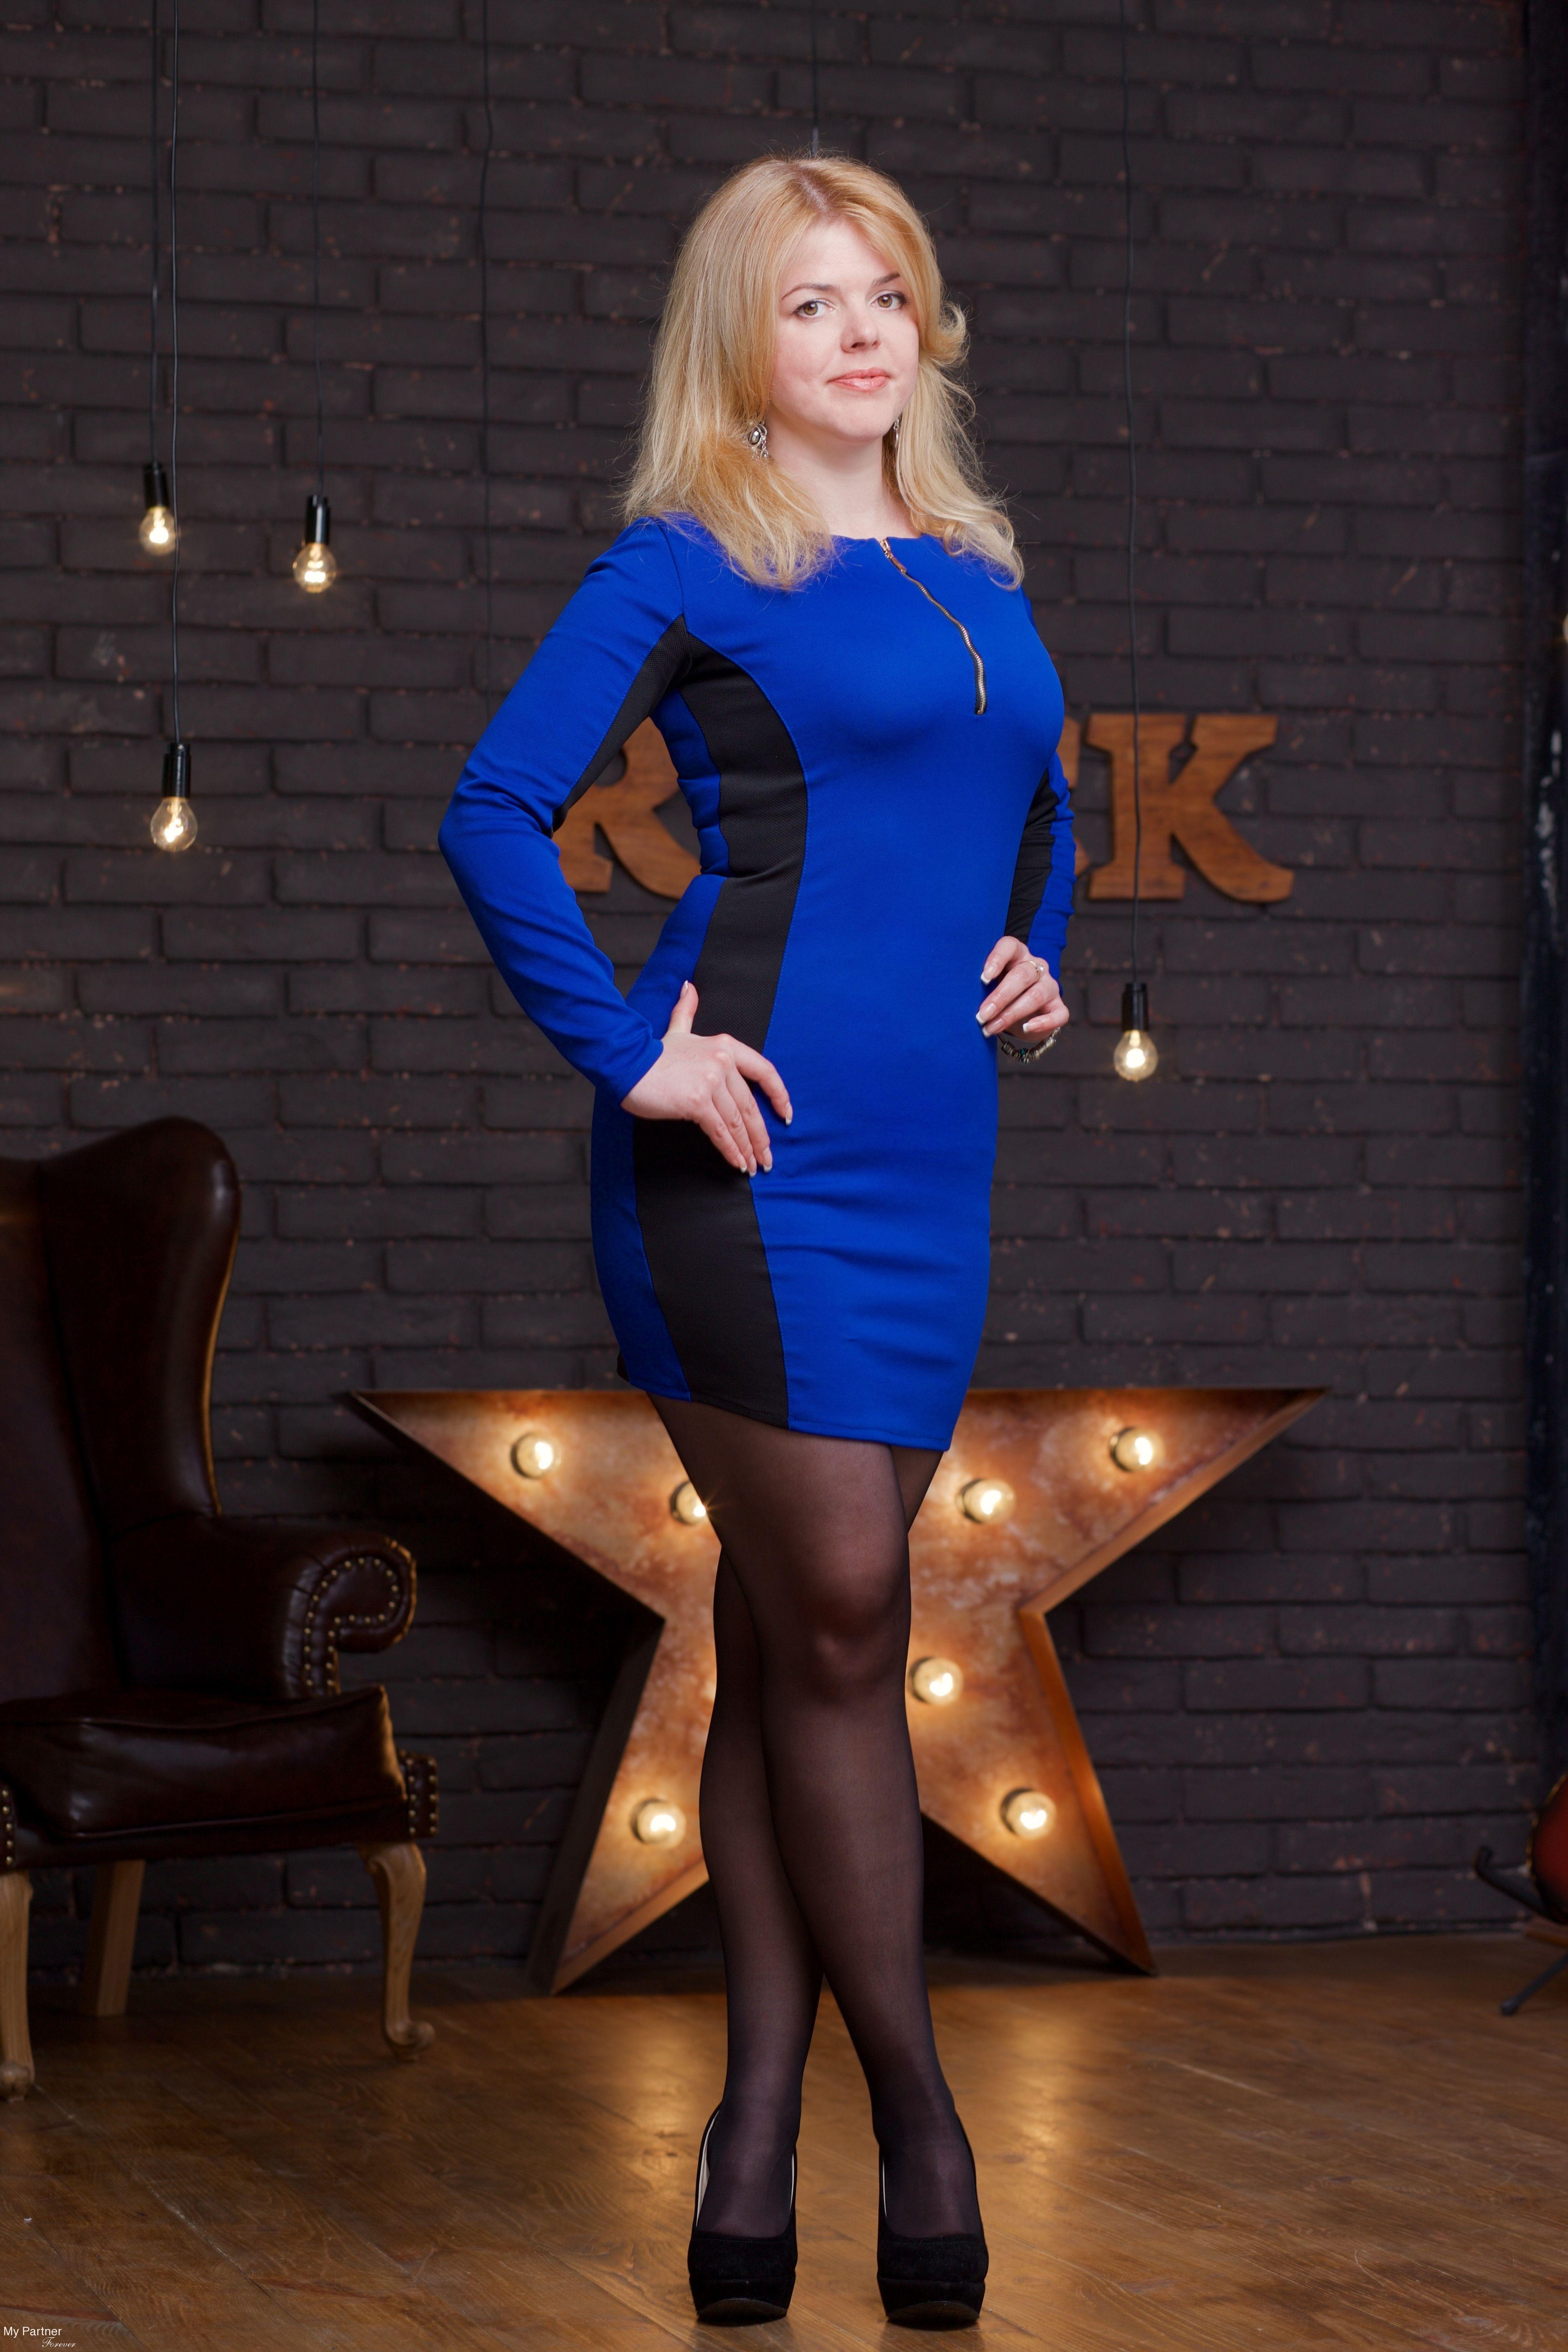 Spoznajte Ukrajino dekleta spletna stran Tubezzz Porn Photos-8972